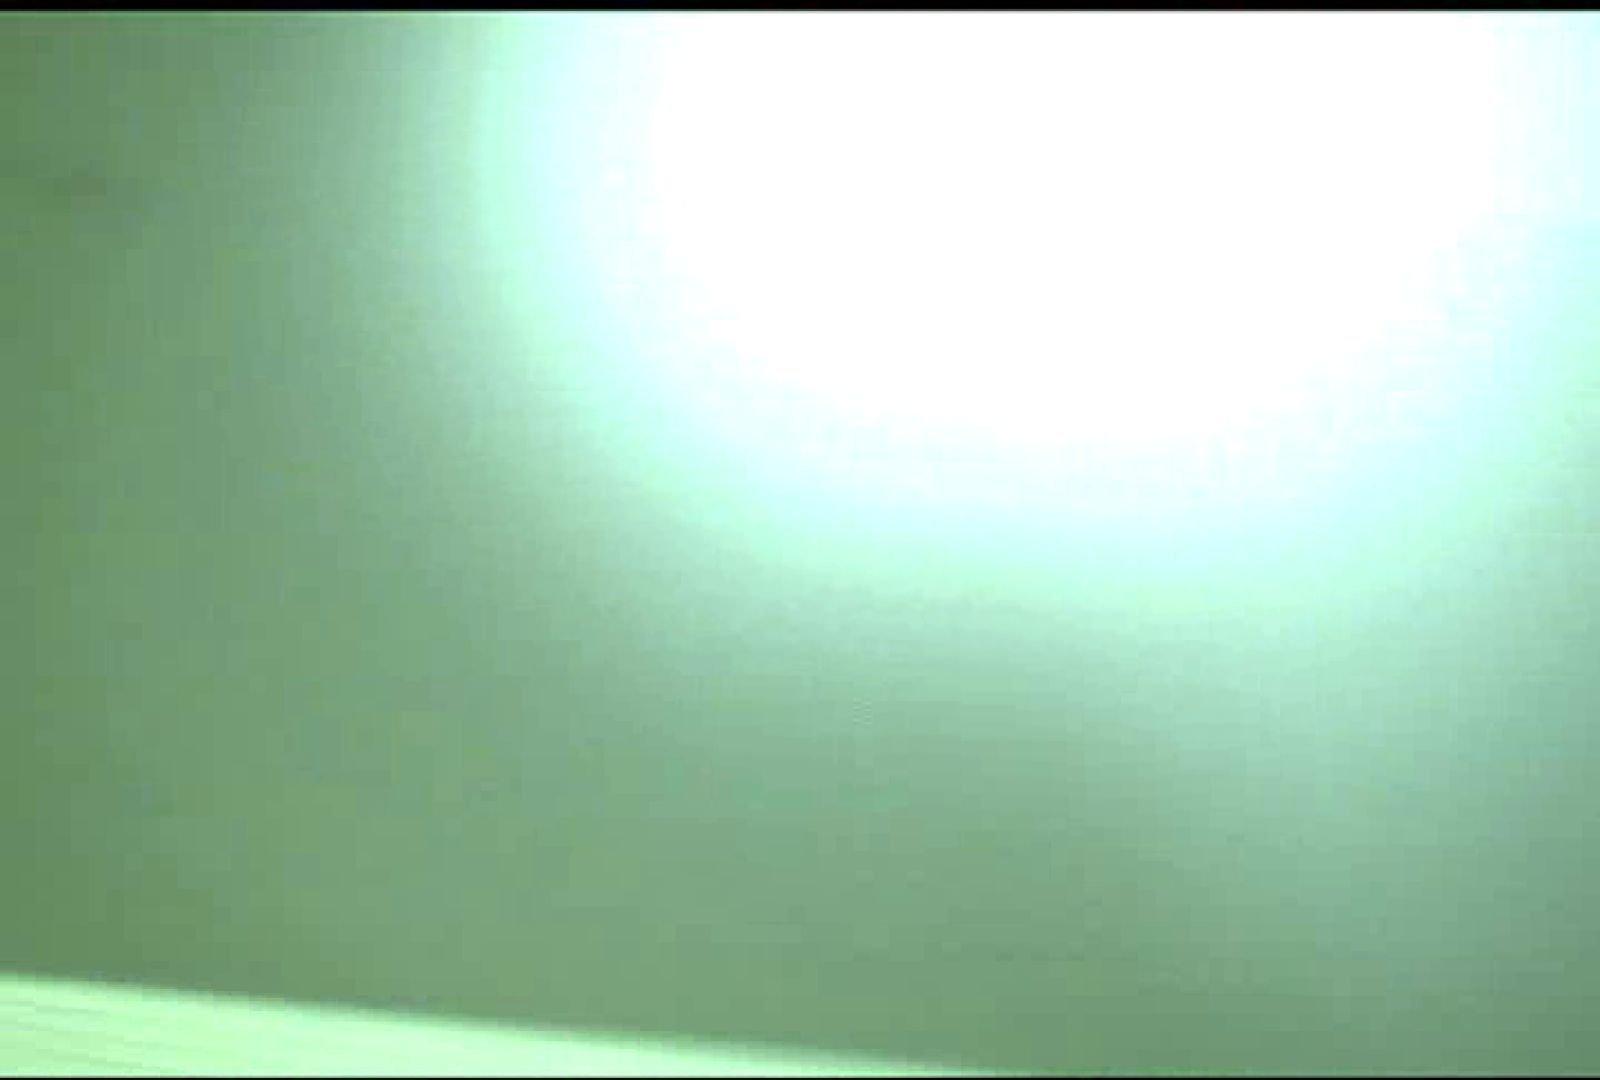 マンコ丸見え女子洗面所Vol.48 体育館 ワレメ動画紹介 86PIX 17